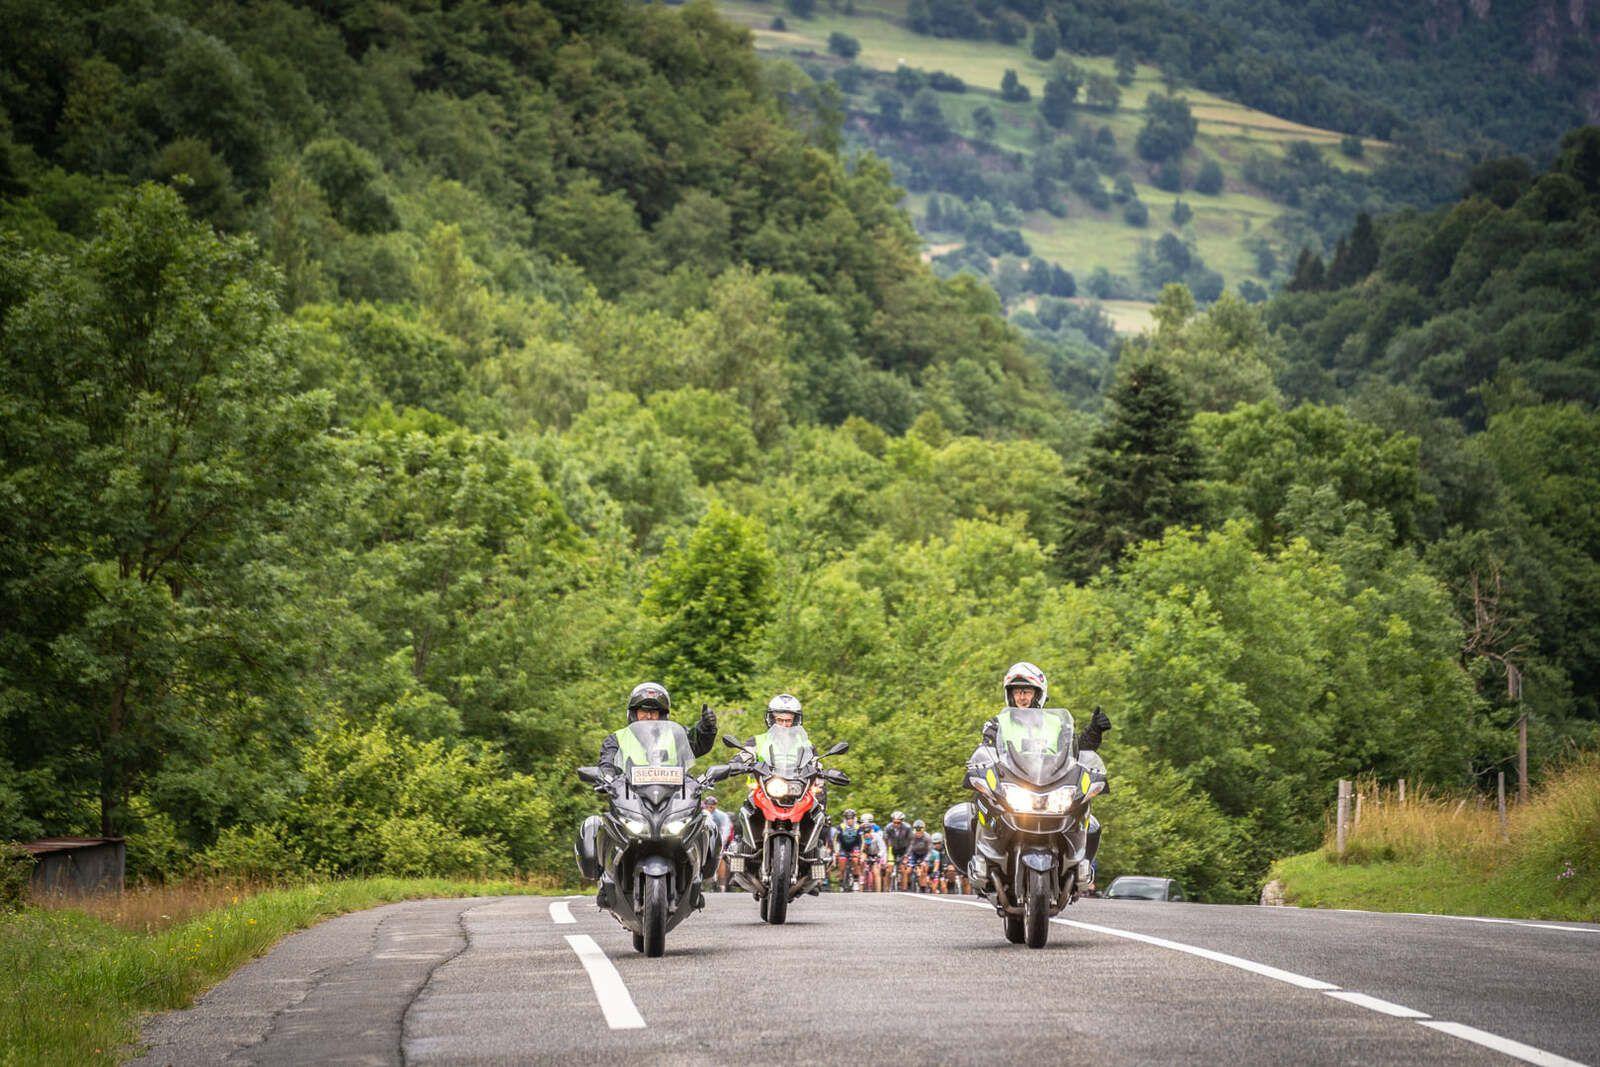 Maurice Pihain et son Tour de France, la fin d'une superbe aventure!